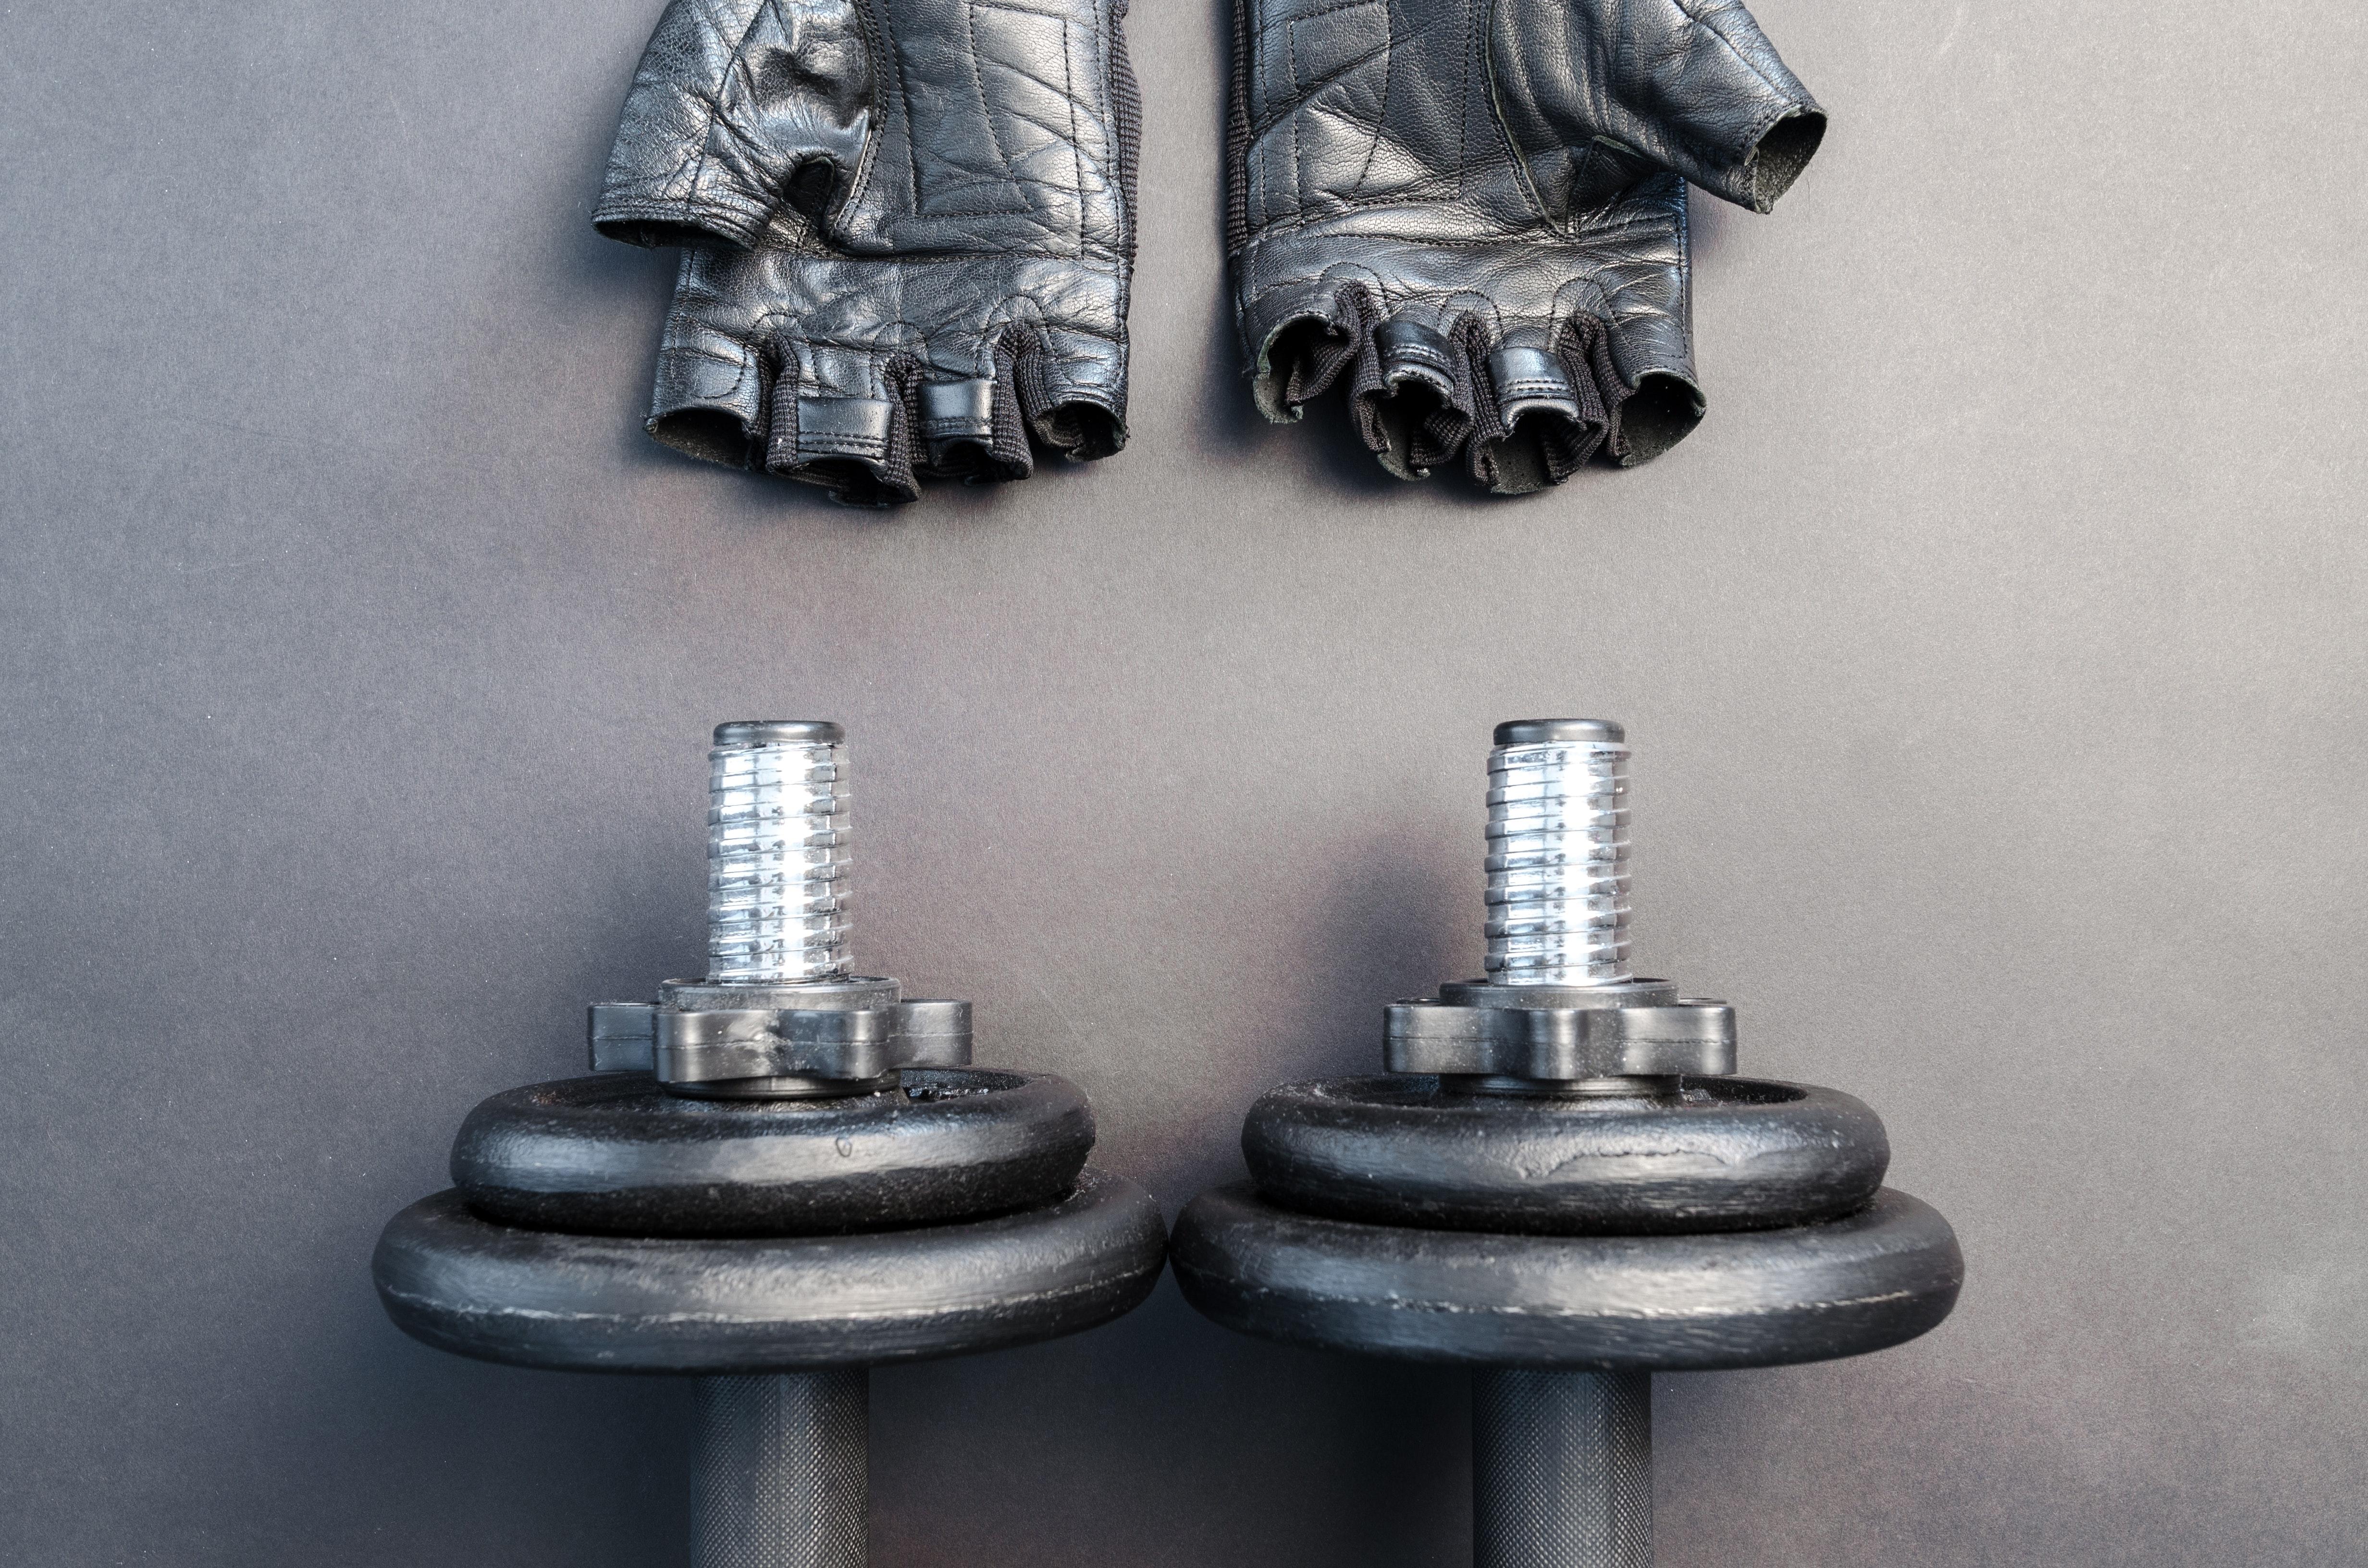 Pair of Fingerless Gloves and Adjustable Dumbbells, Dumbbells, Equipment, Gloves, Gym, HQ Photo